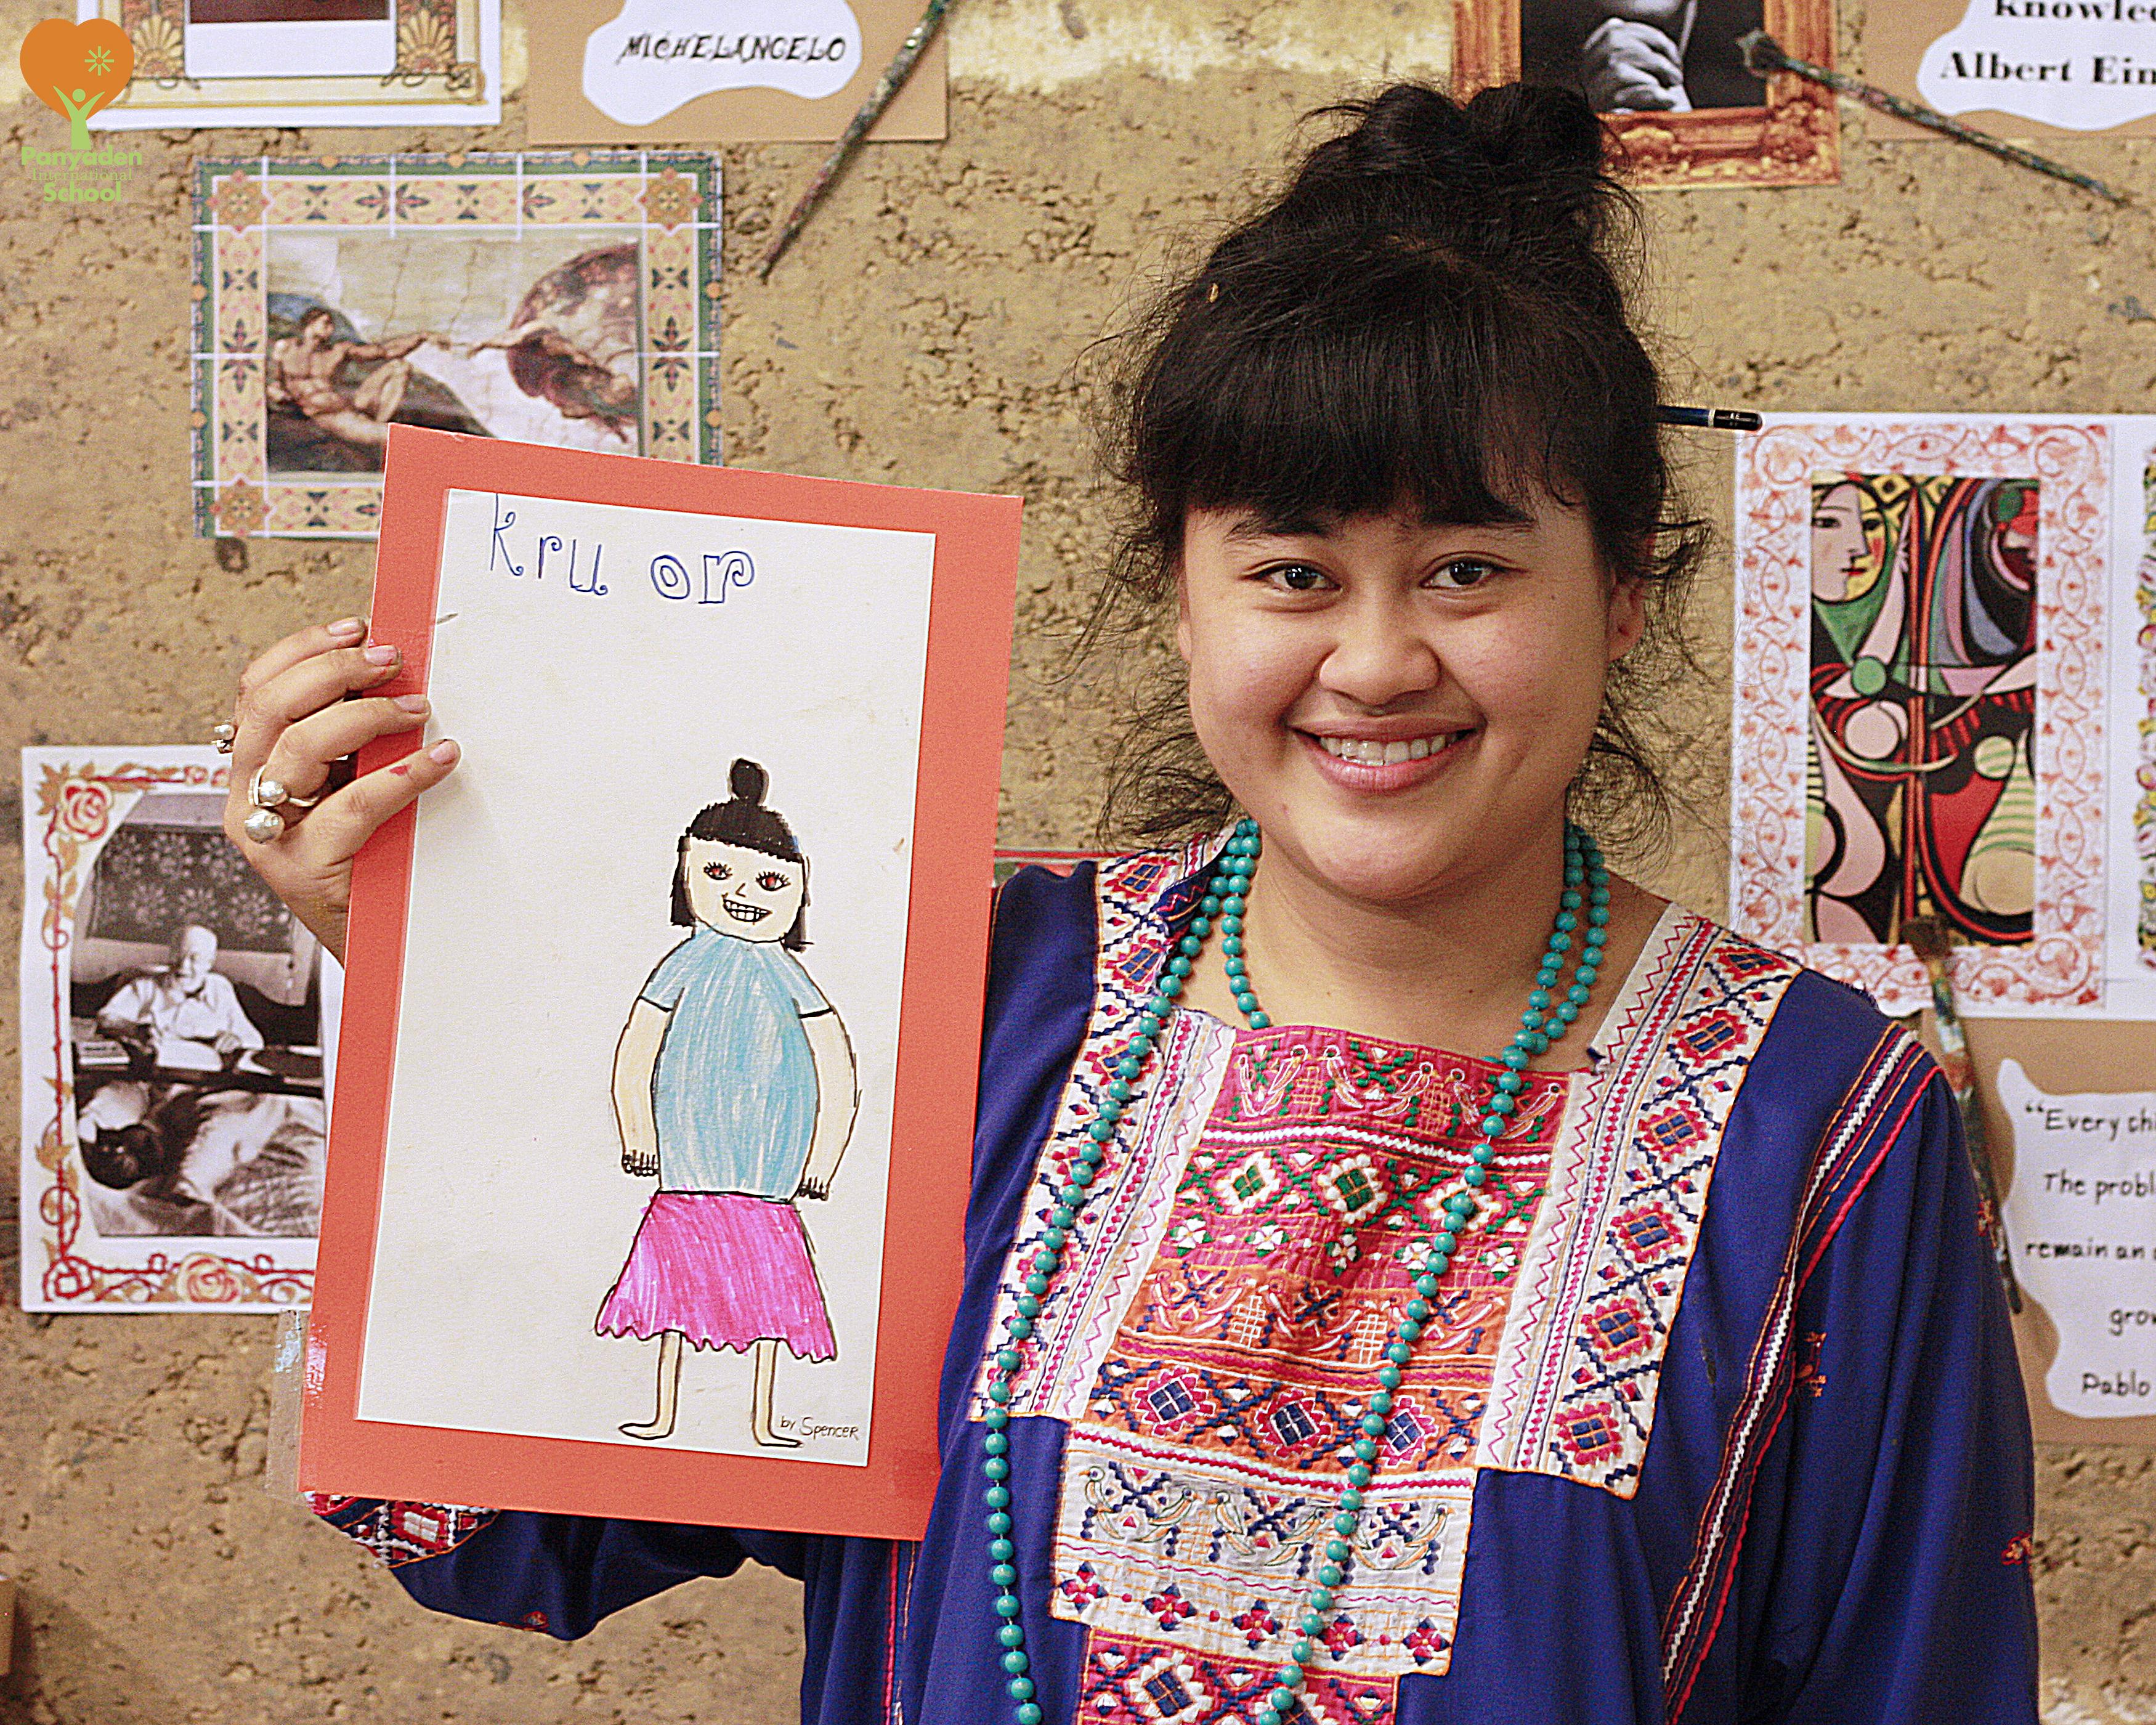 Kru Or by Spencer, Panyaden International School Year 4 student